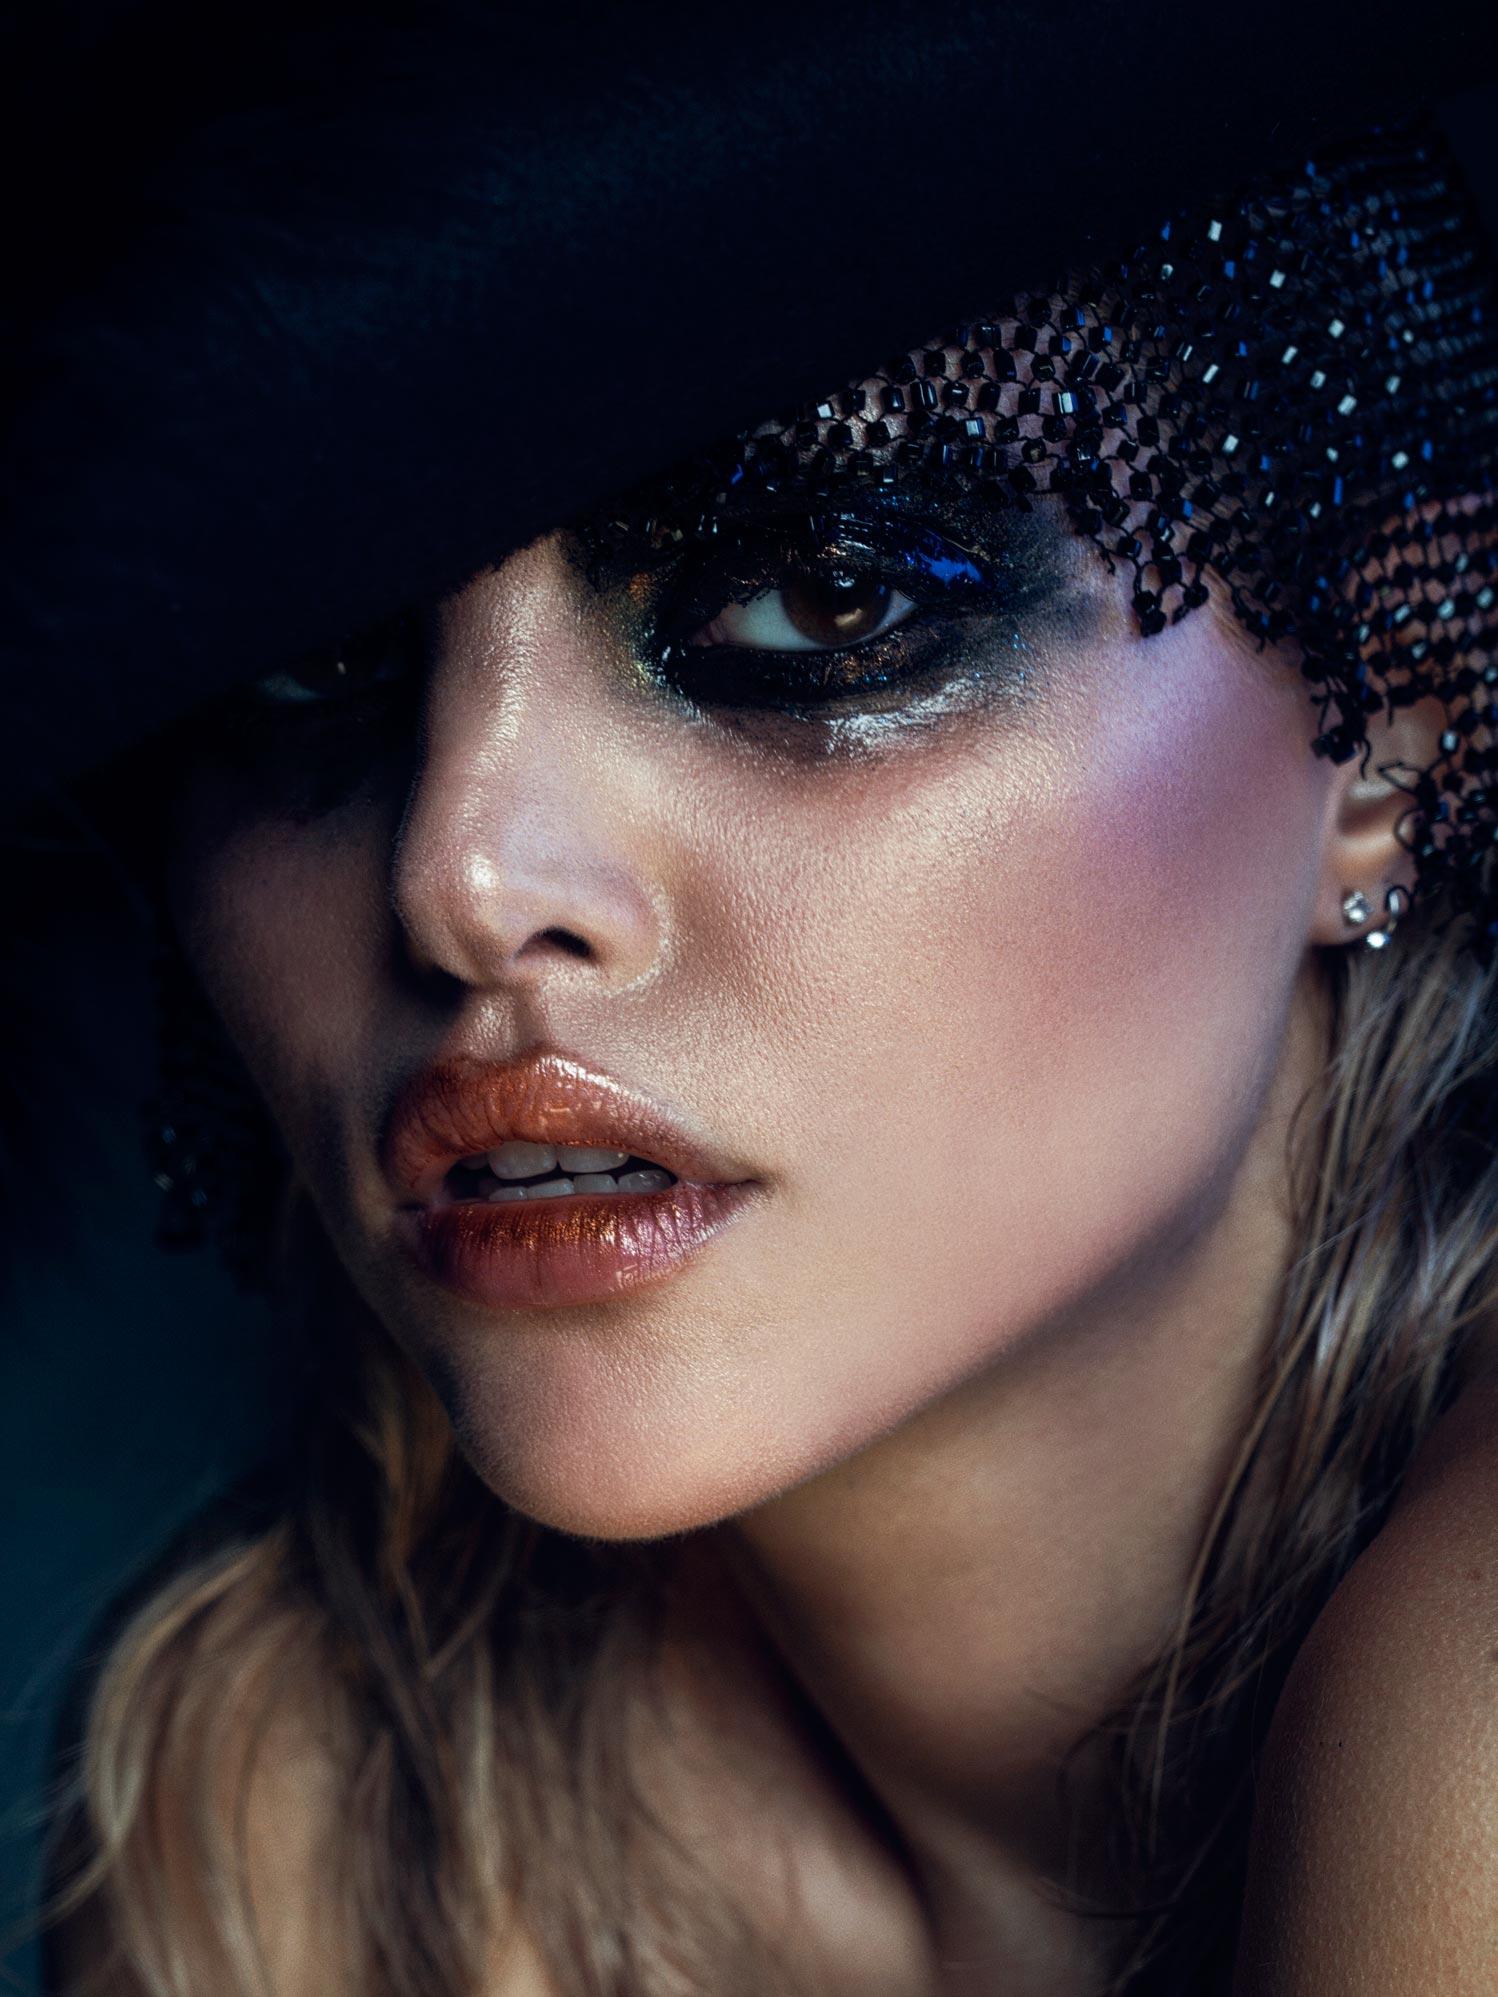 Photographe portrait beauté glamour, photographe professionnel pour produit et maquillage artistique et créatif.